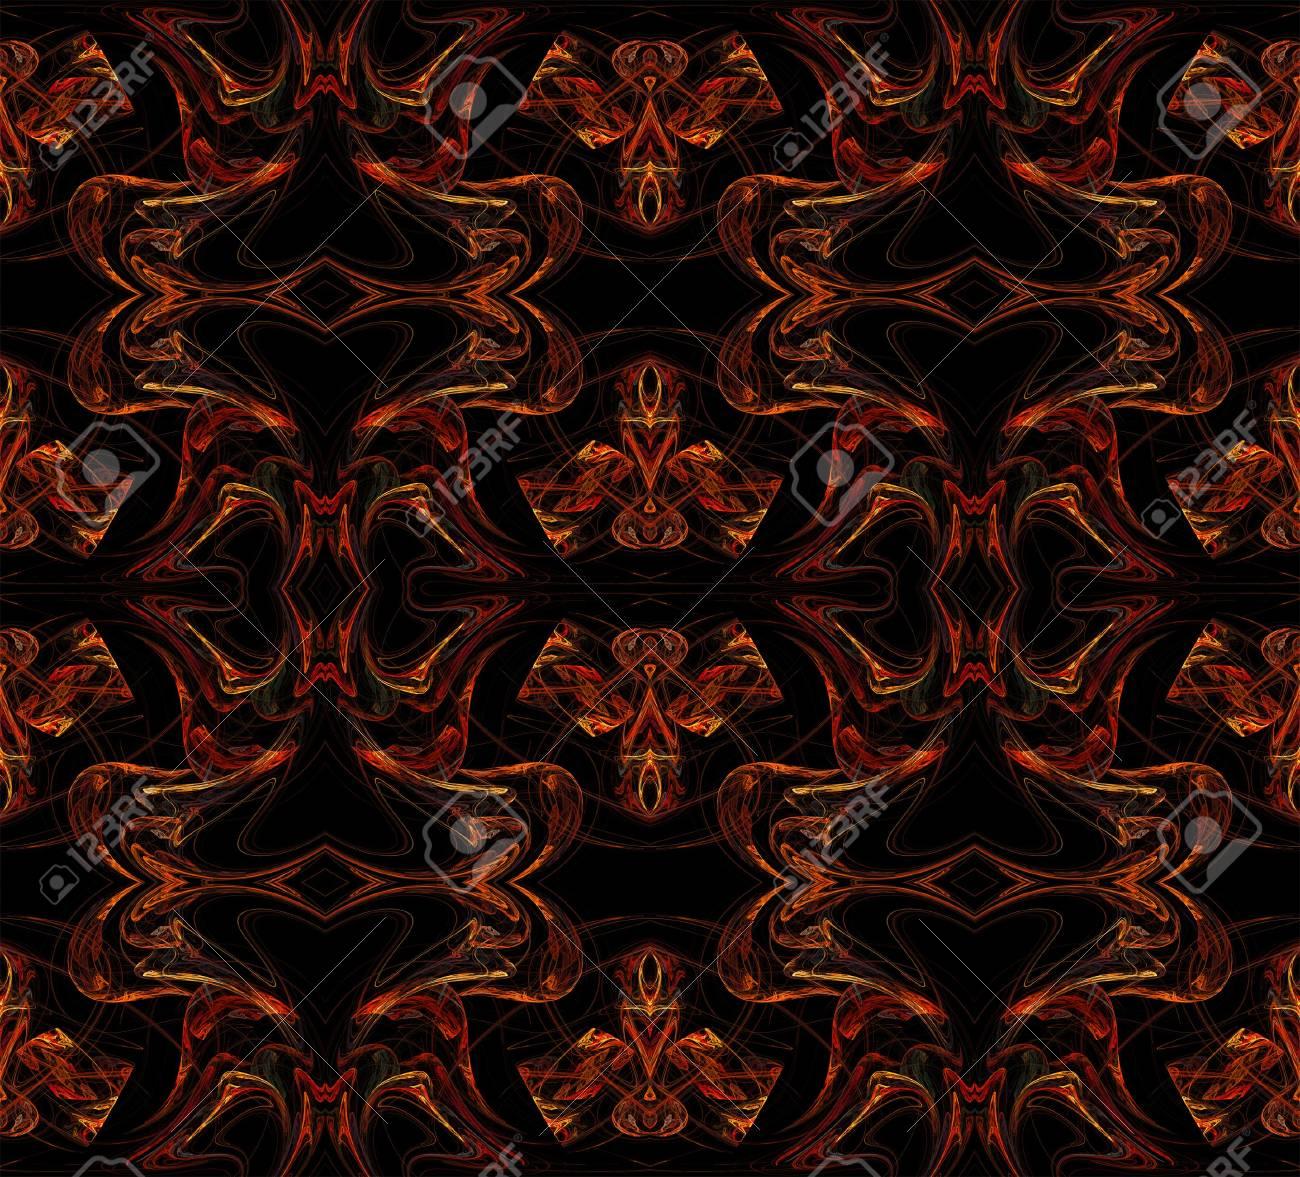 シームレスな壁紙 テキスタイル パターンまたは黒の背景に複数の色の